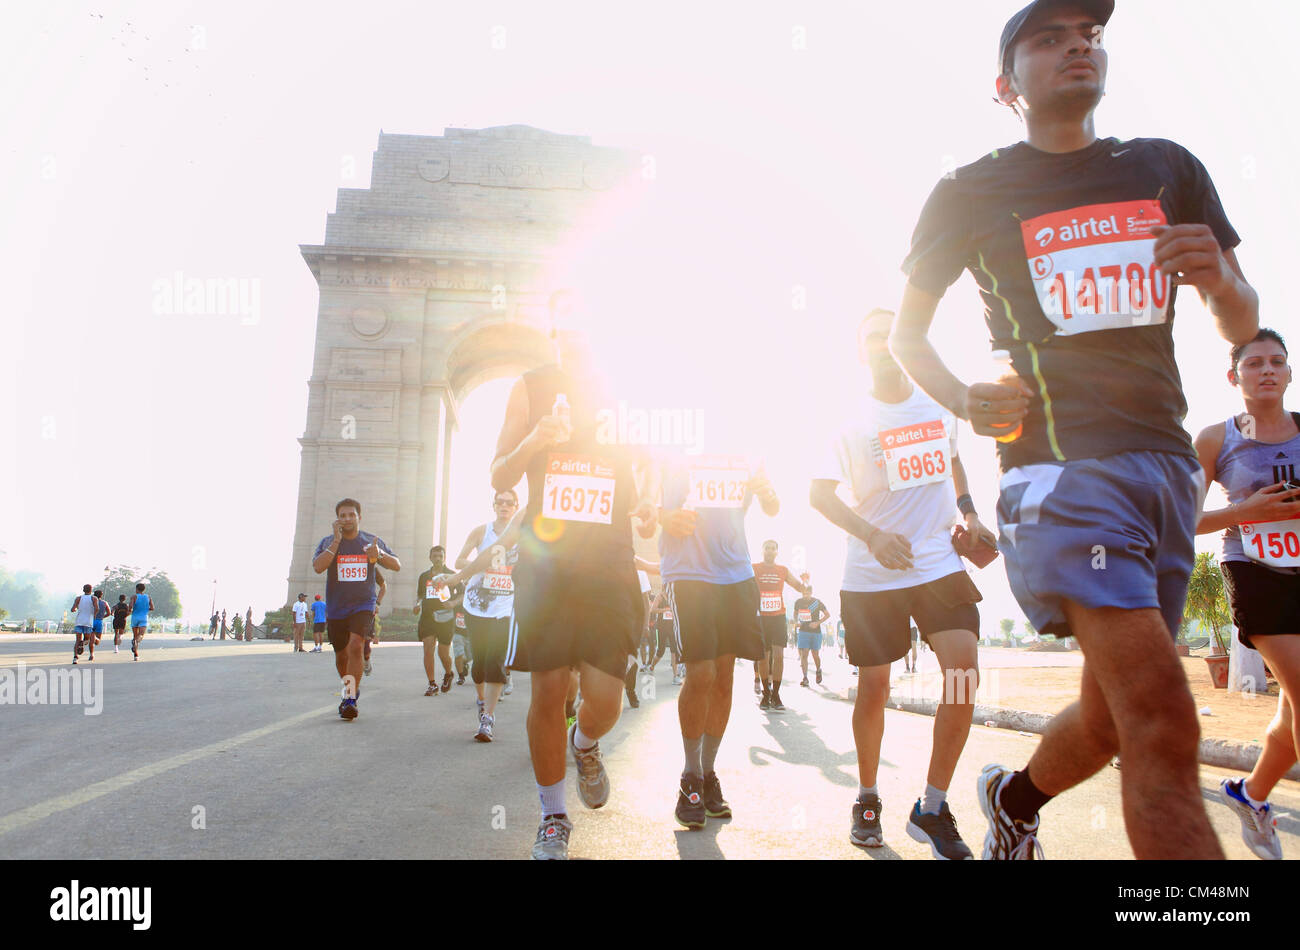 Septiembre 30, 2012 - Nueva Delhi, India - Delhi residentes participan en el medio maratón de Nueva Delhi como corren Foto de stock